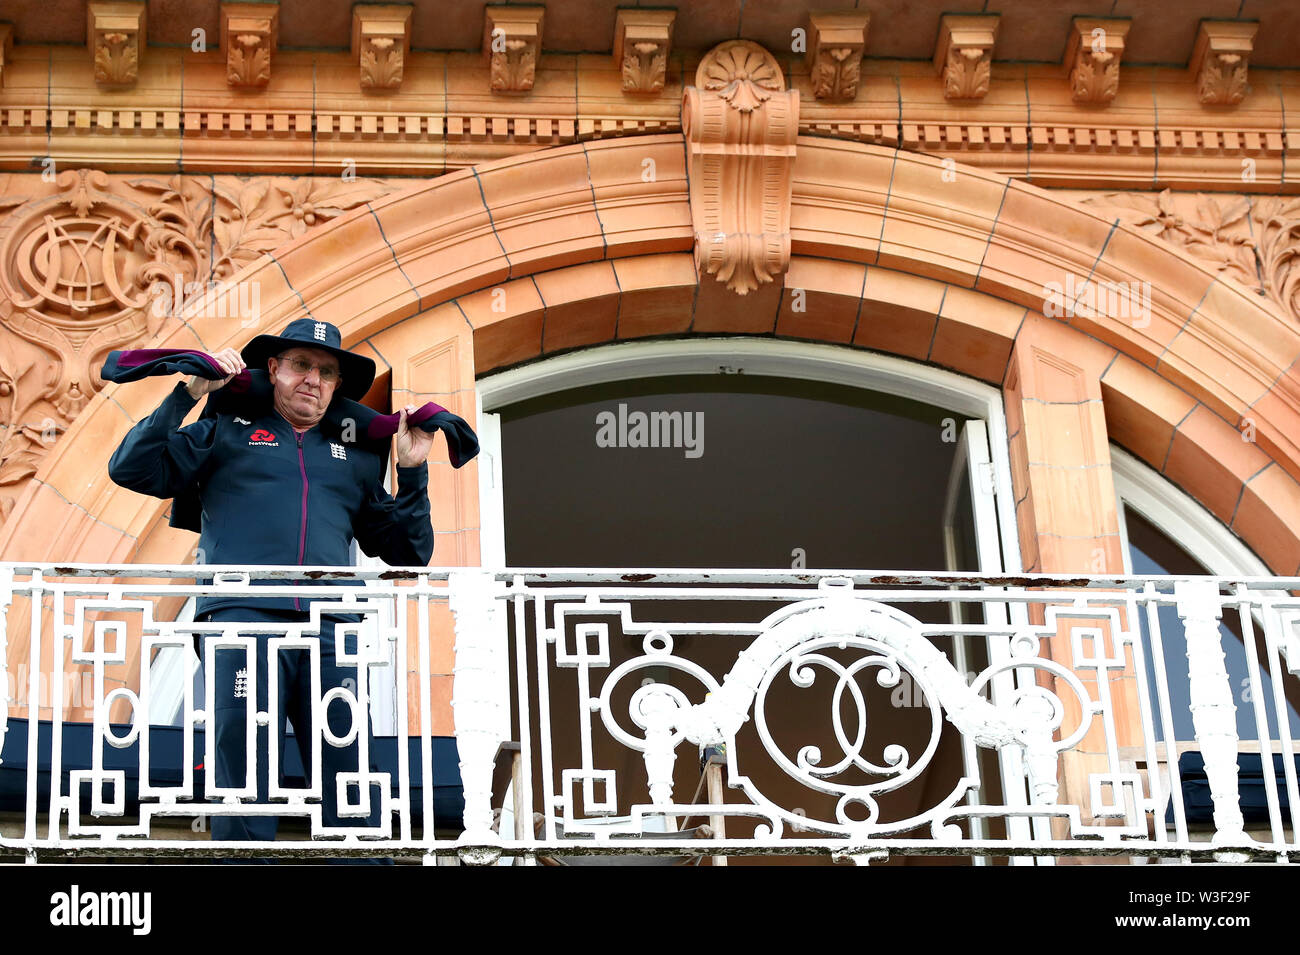 L'entraîneur d'Angleterre Trevor Bayliss après le match lors de la finale de la coupe du monde de l'ICC à Lord's, Londres. APPUYEZ SUR ASSOCIATION photo. Date de la photo: Dimanche 14 juillet 2019. Voir PA Story CRICKET England. Le crédit photo devrait se lire comme suit : Nick Potts/PA Wire. Banque D'Images